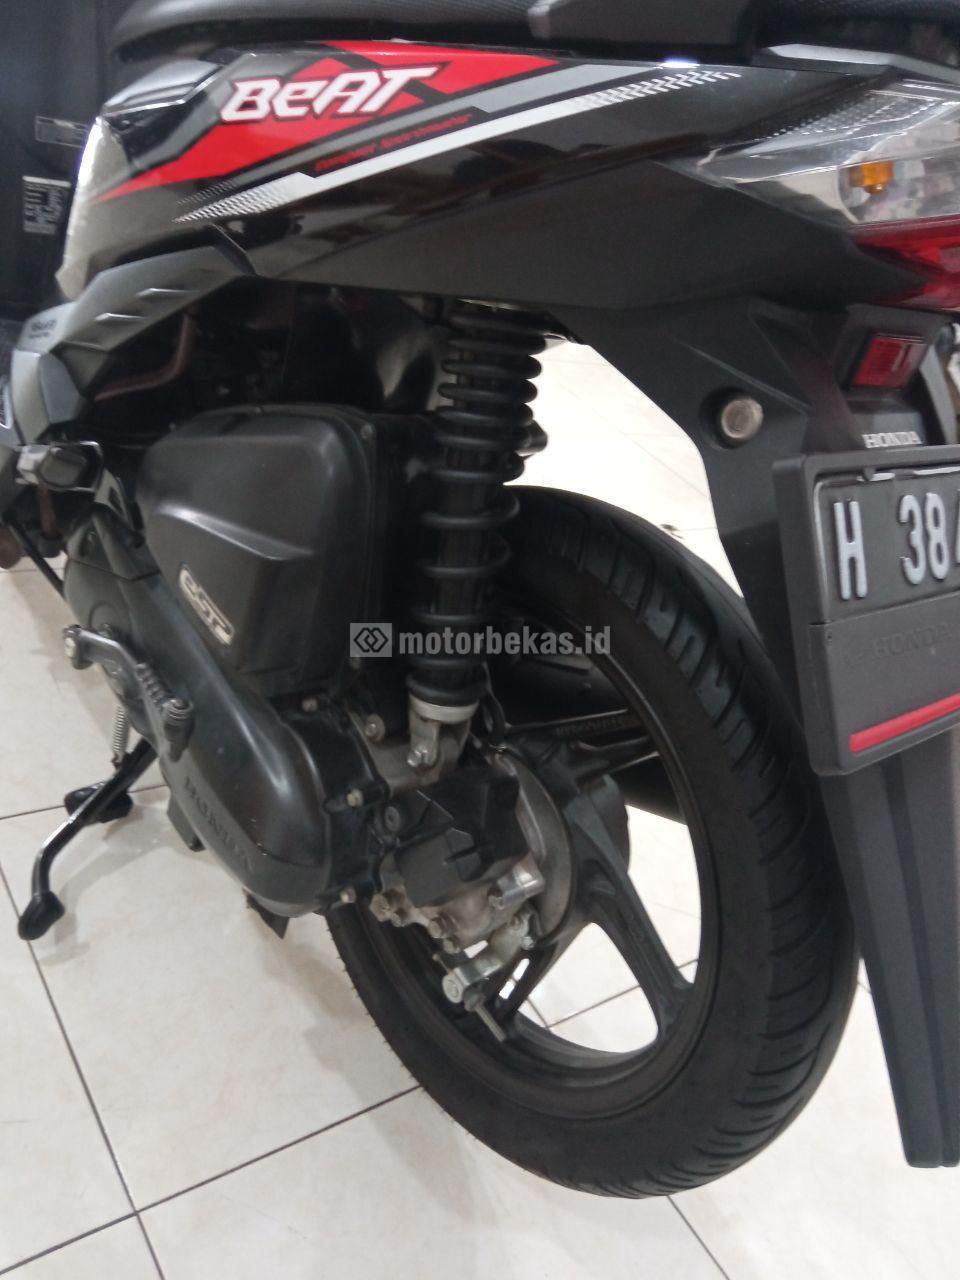 HONDA BEAT  2019 motorbekas.id